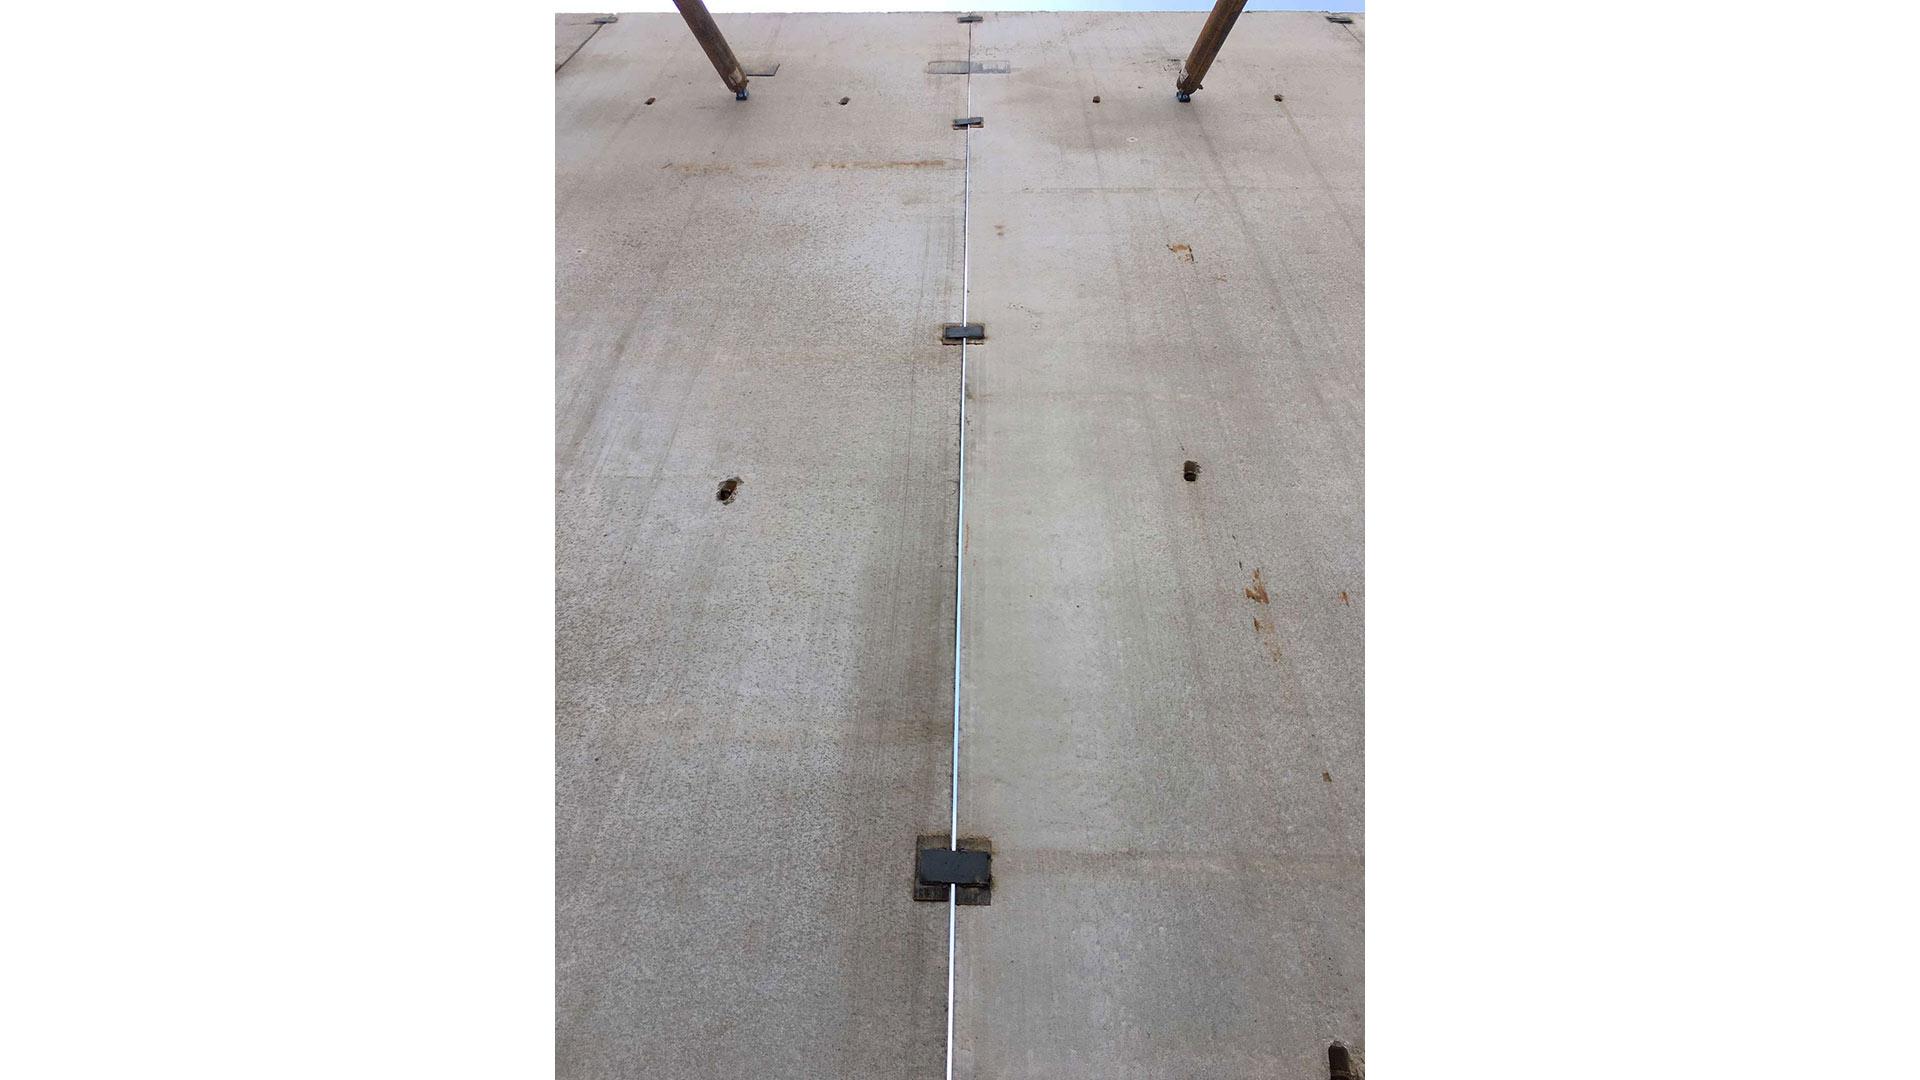 Connect-EZ shear panel connectors on job site